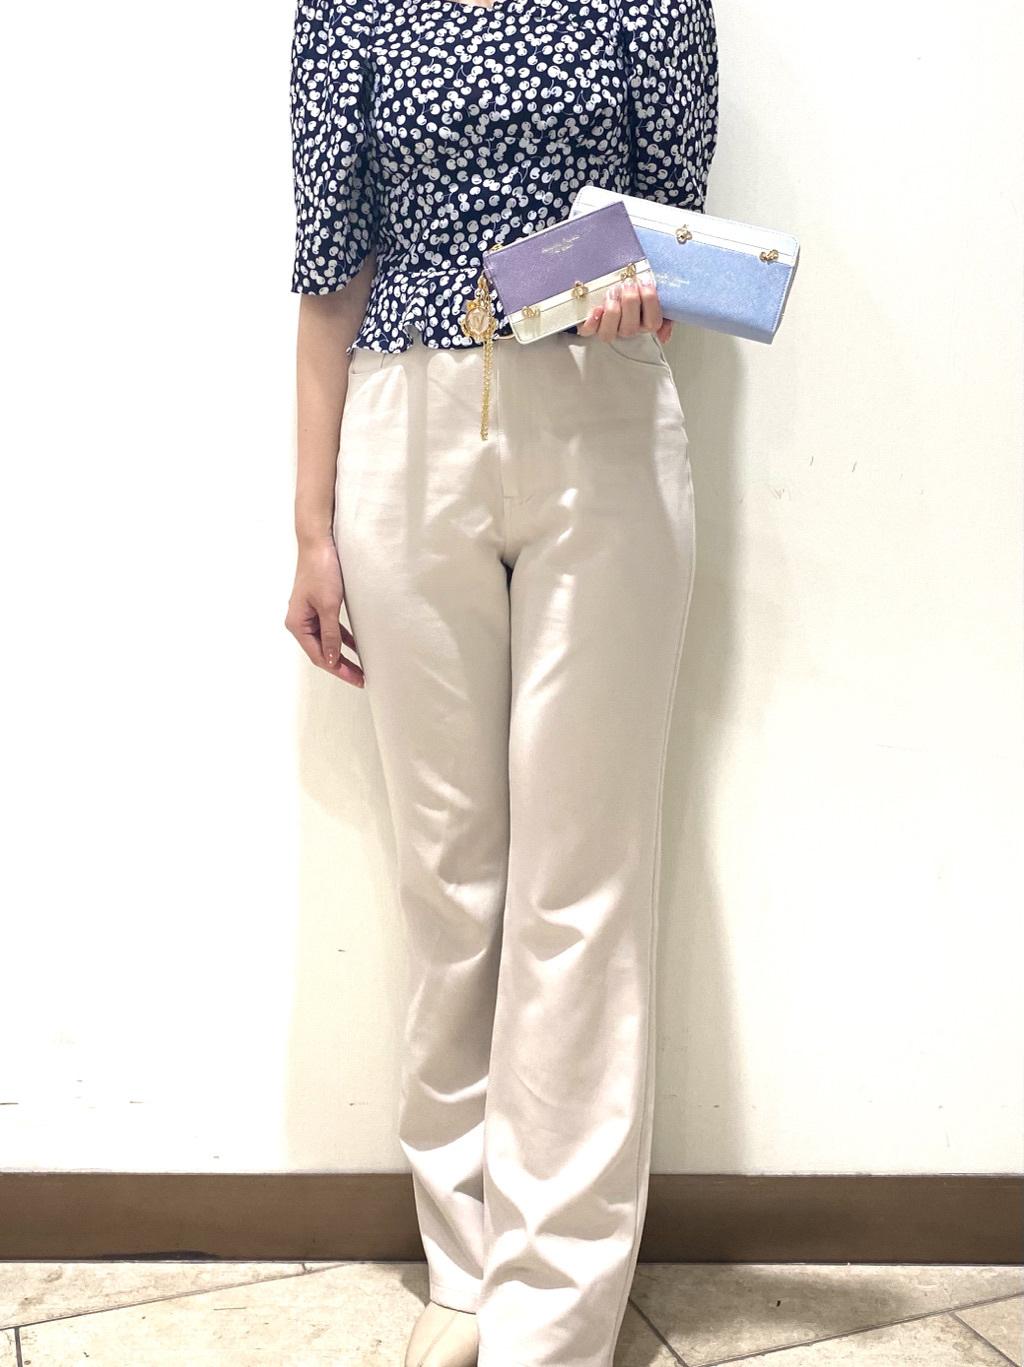 サマンサタバサプチチョイスプラス 渋谷ヒカリエShinQs店 minami